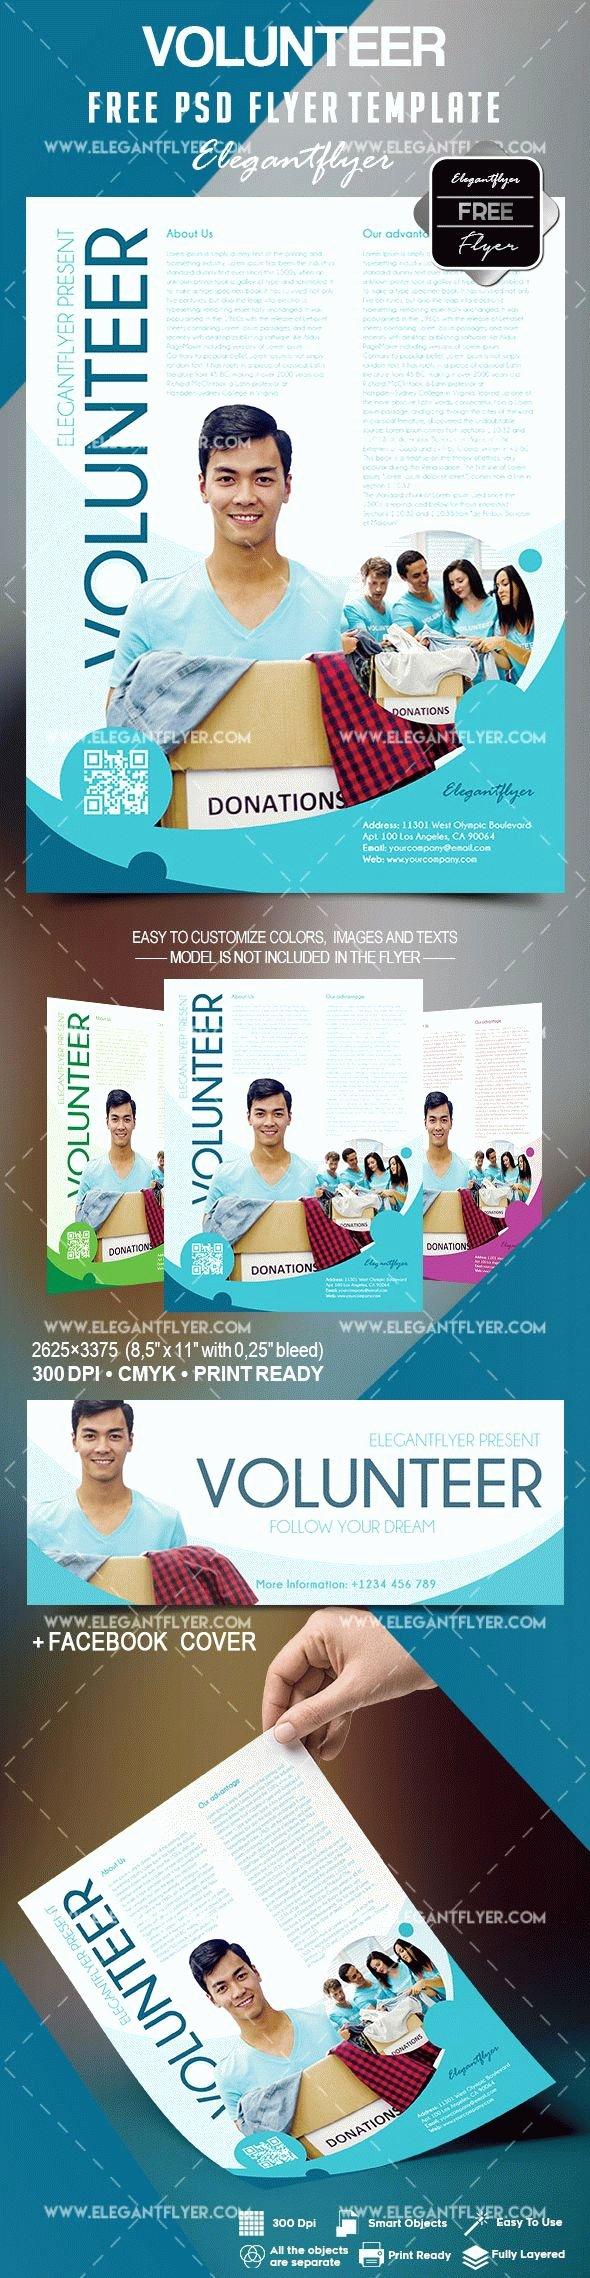 Volunteer Flyer Template Free Best Of Free Volunteer Flyer Template – by Elegantflyer